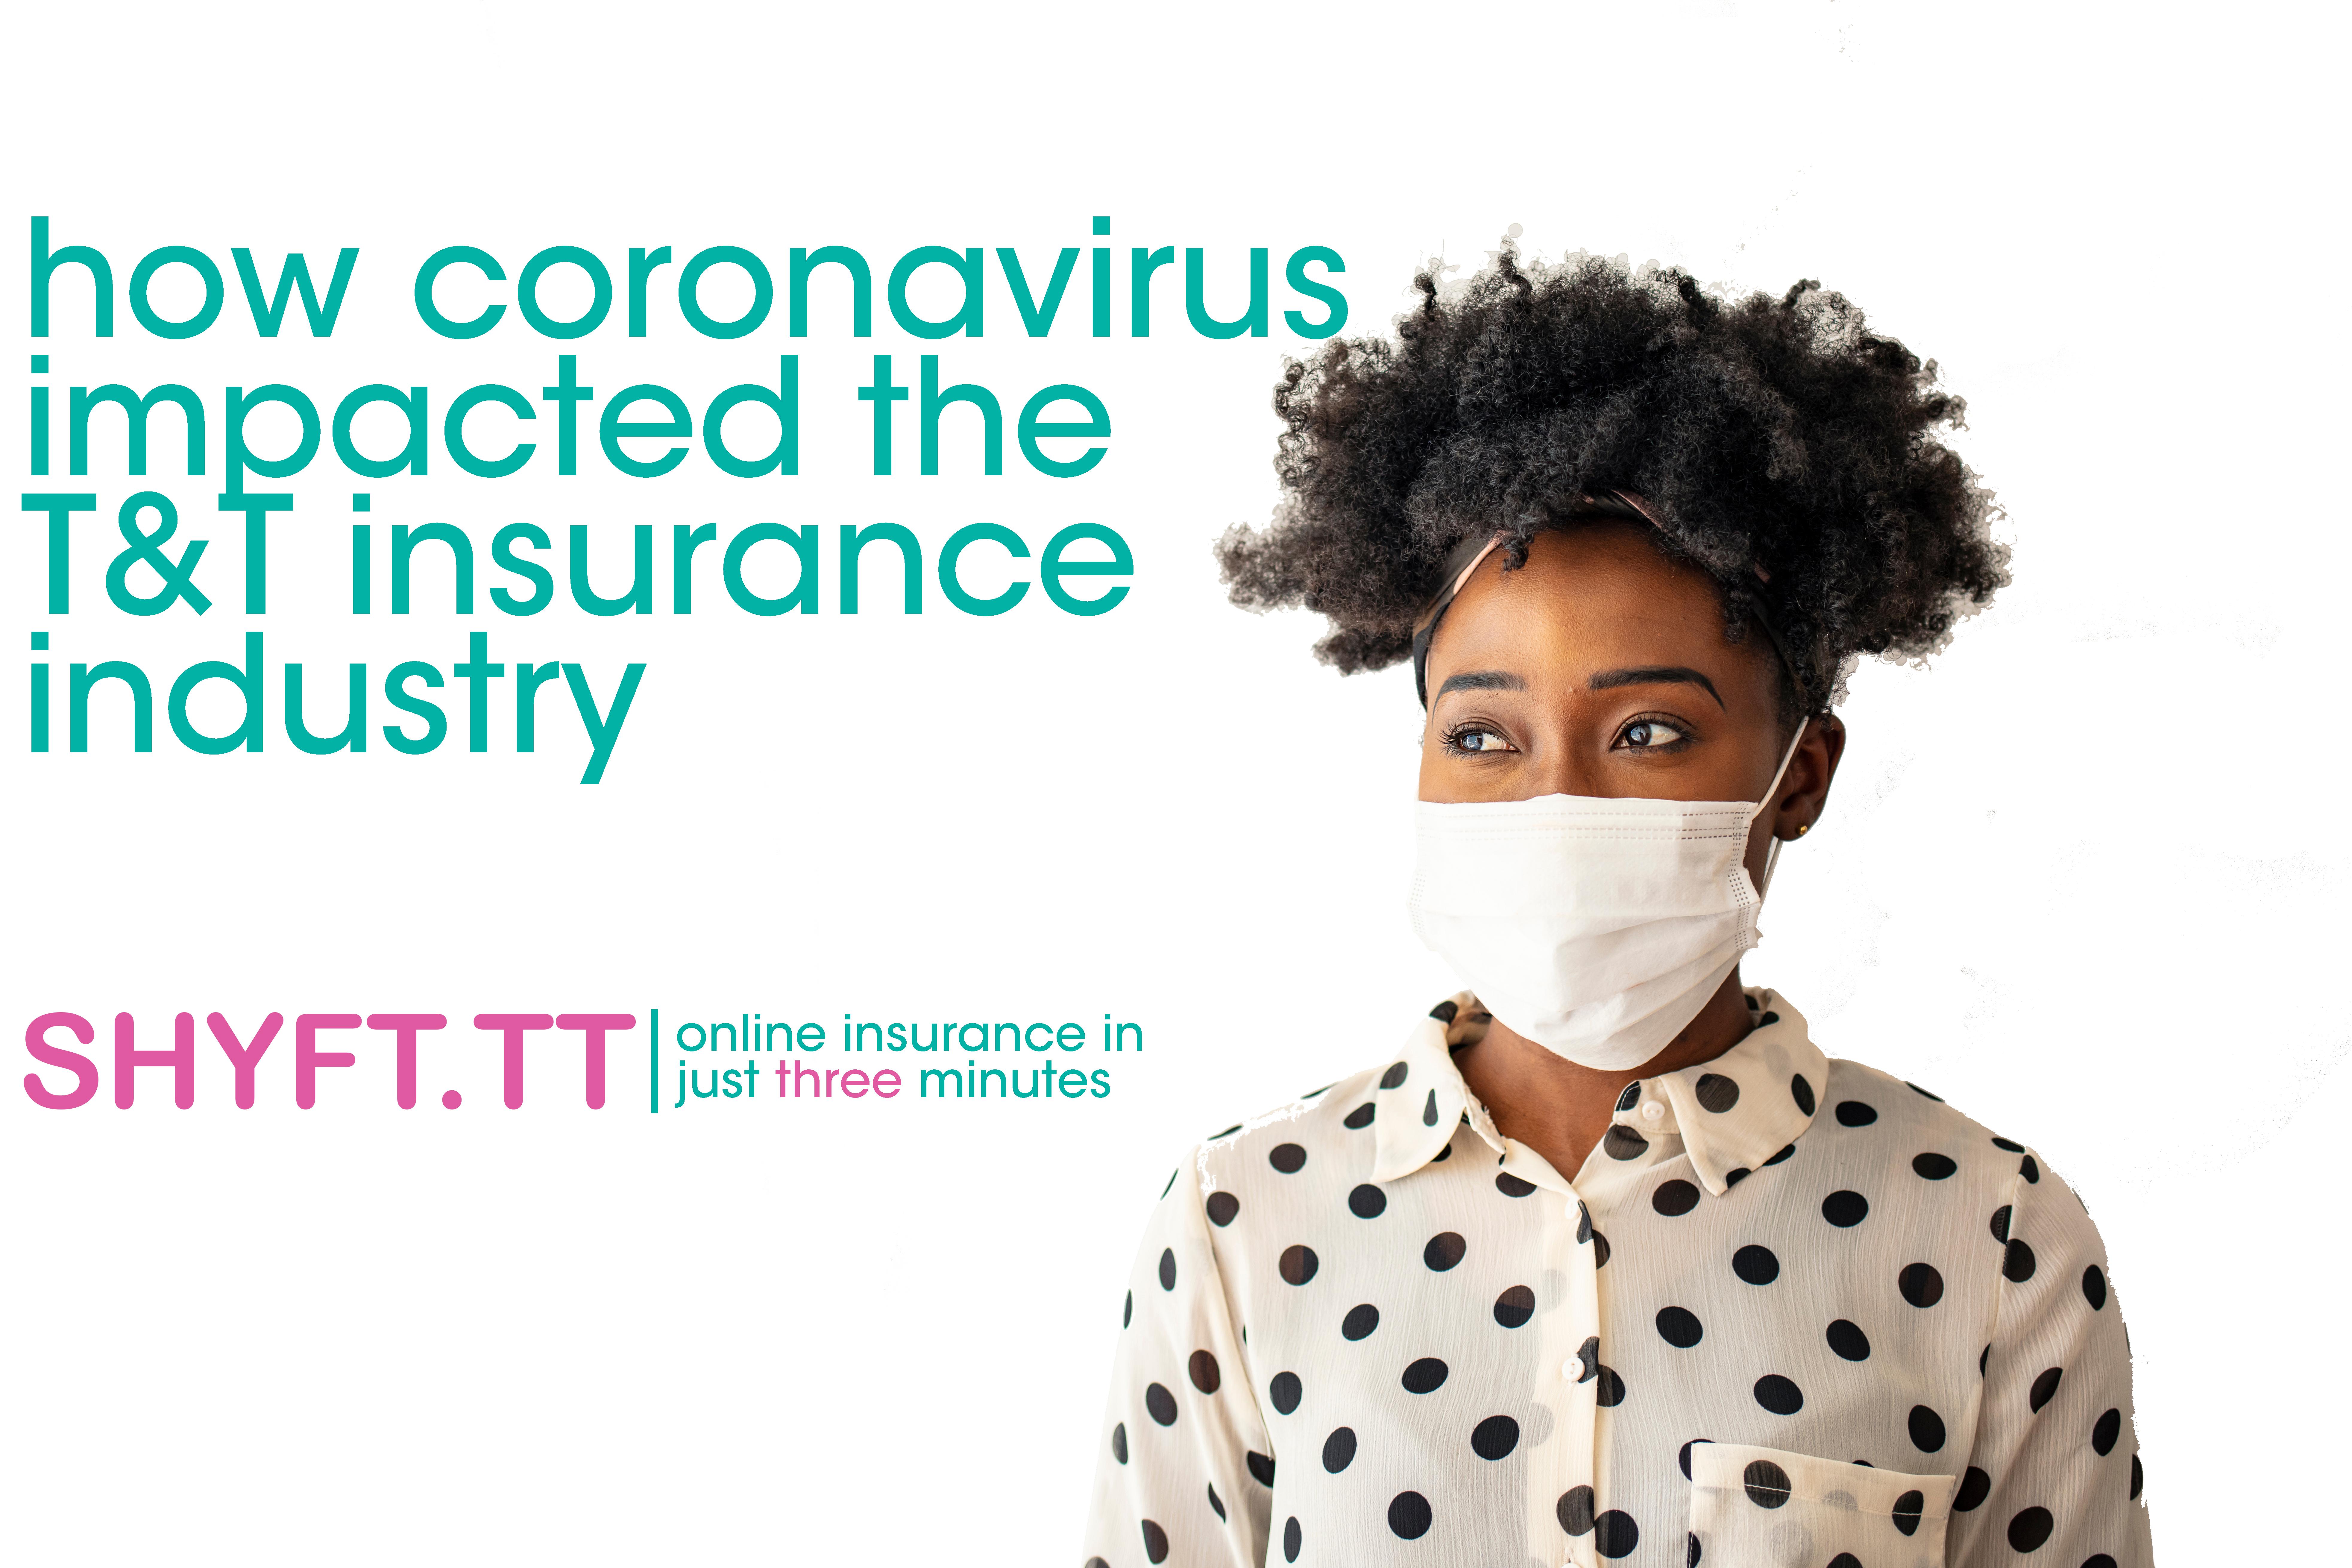 how coronavirus impacted the insurance industry